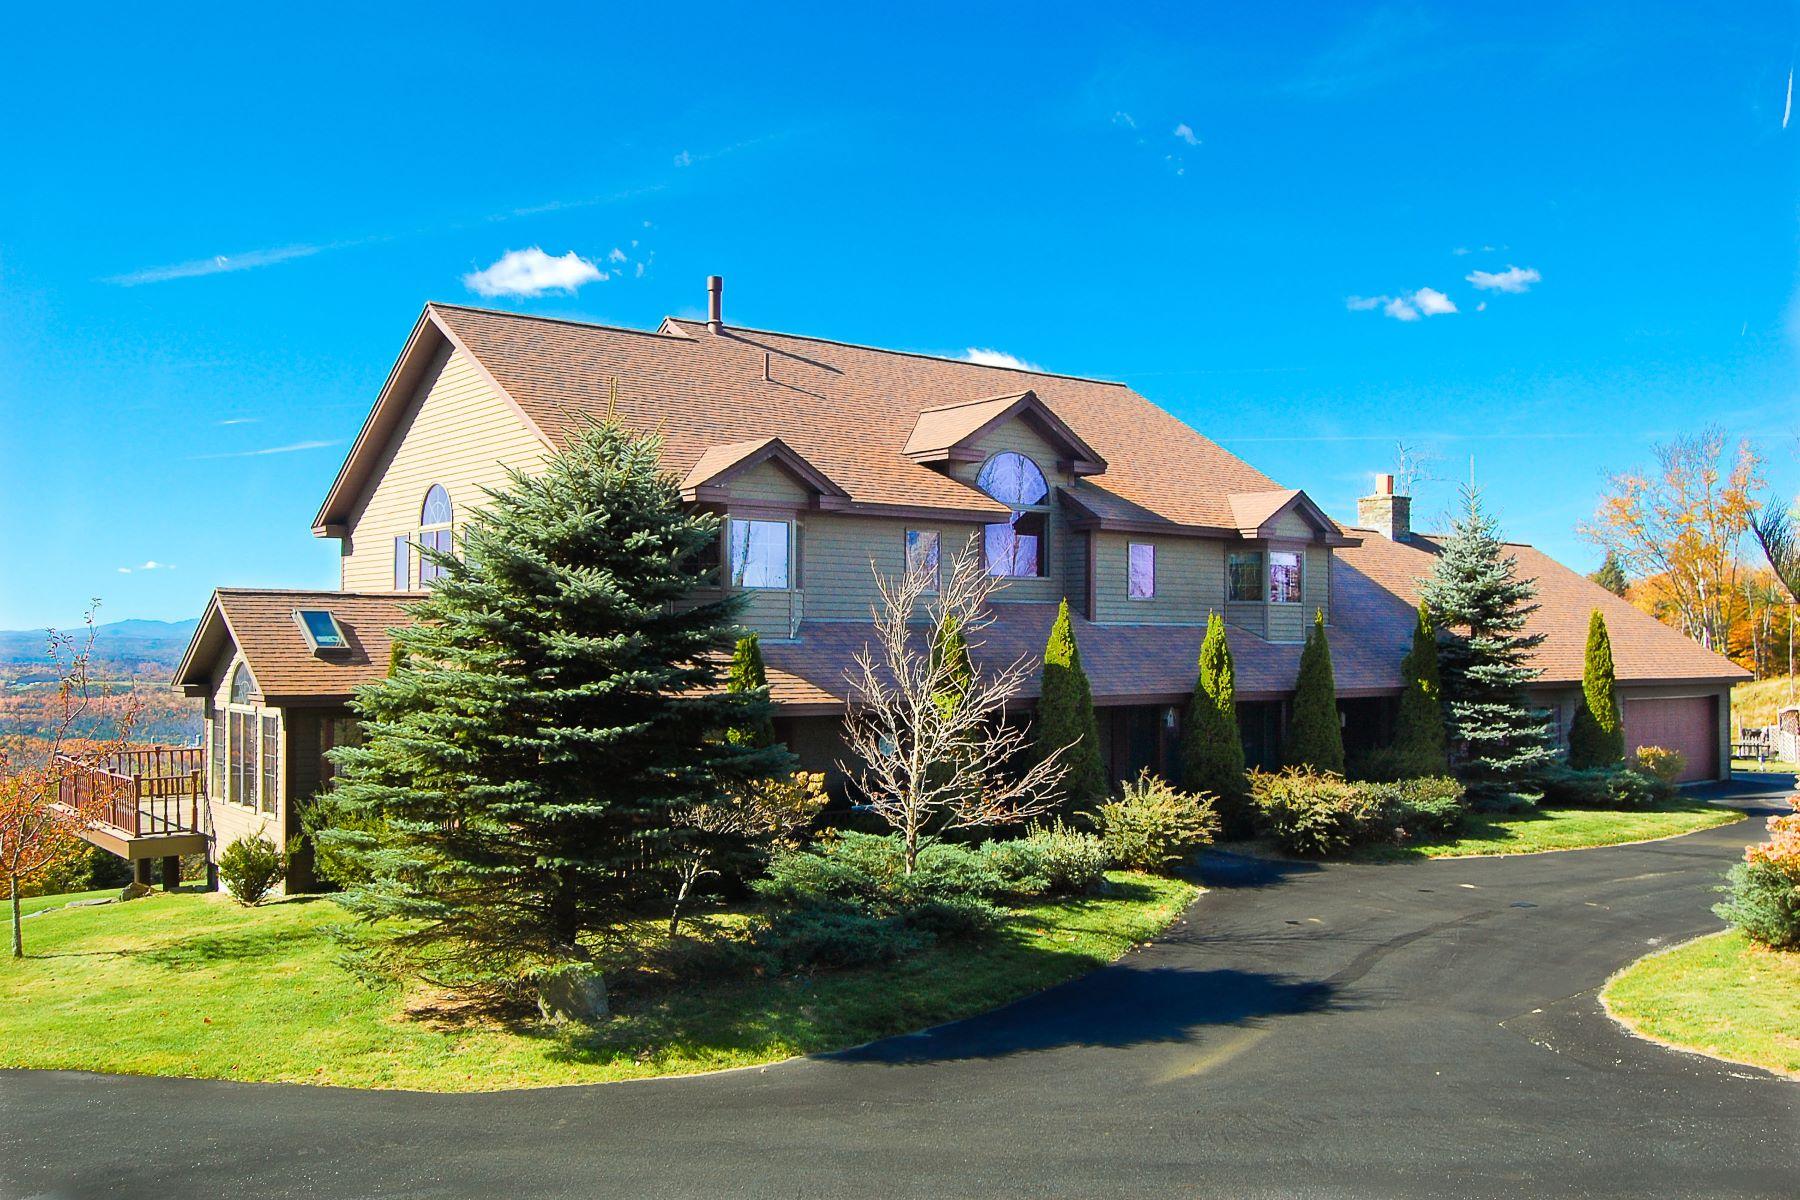 Maison unifamiliale pour l Vente à Contemporary 3 bedroom home in Lebanon with views 109 Eastman Hill Lebanon, New Hampshire, 03766 États-Unis